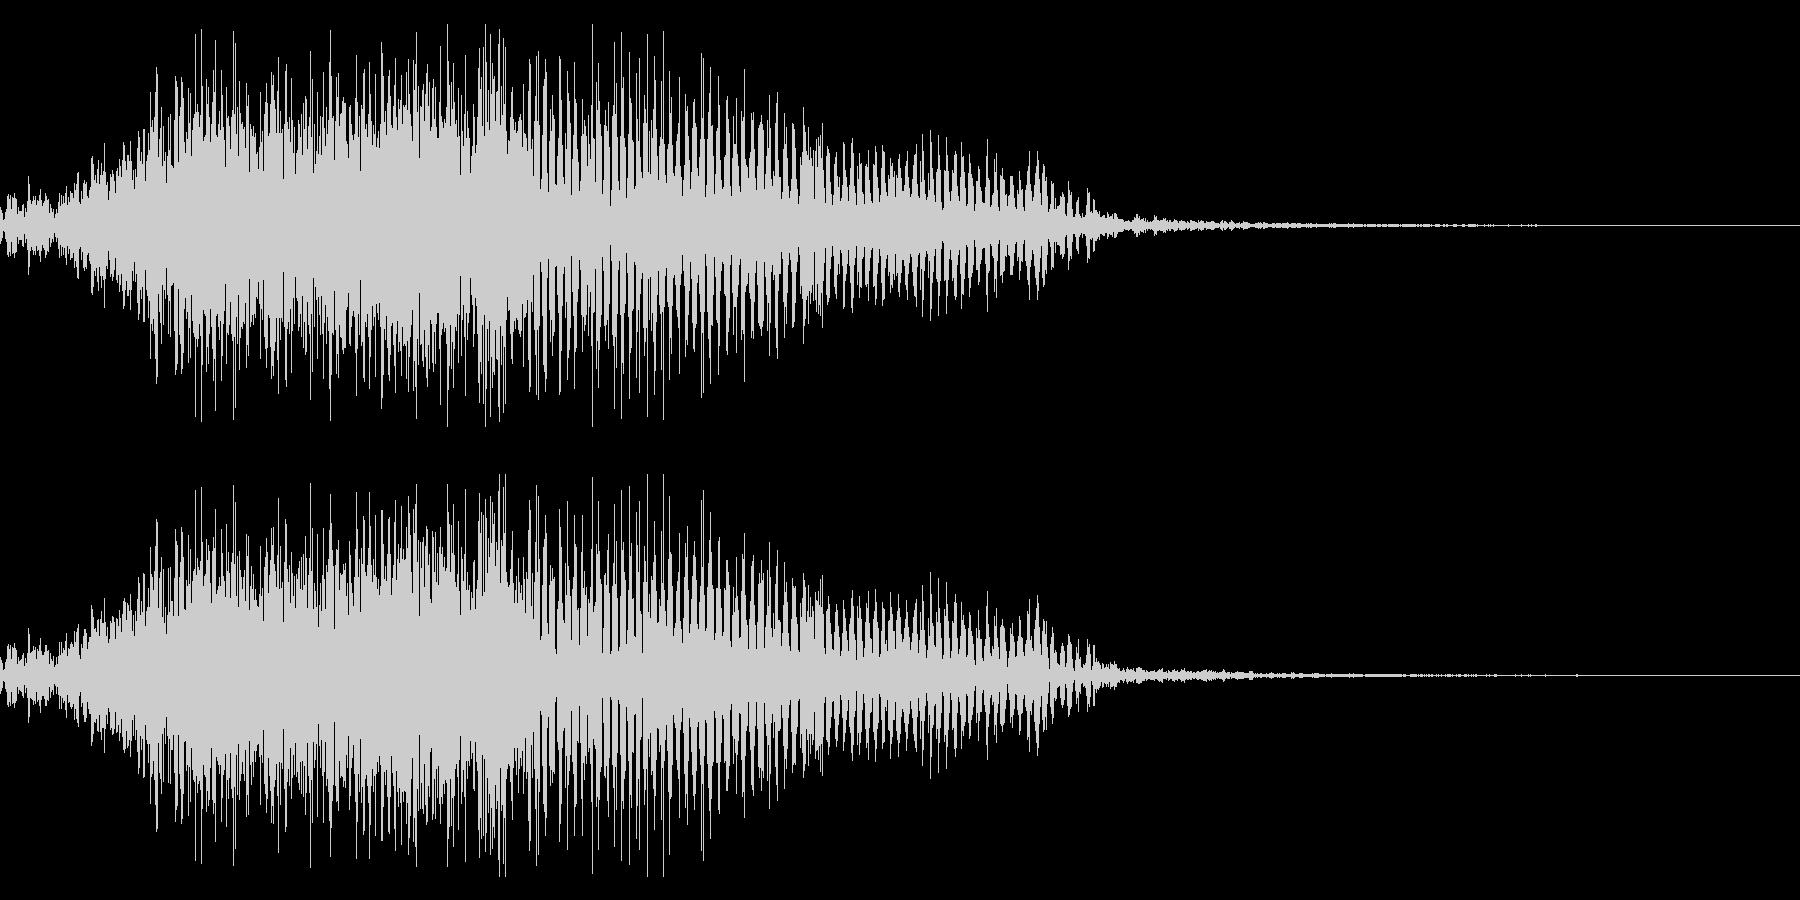 鳴き声01(ミニデビル、ブタ系)の未再生の波形